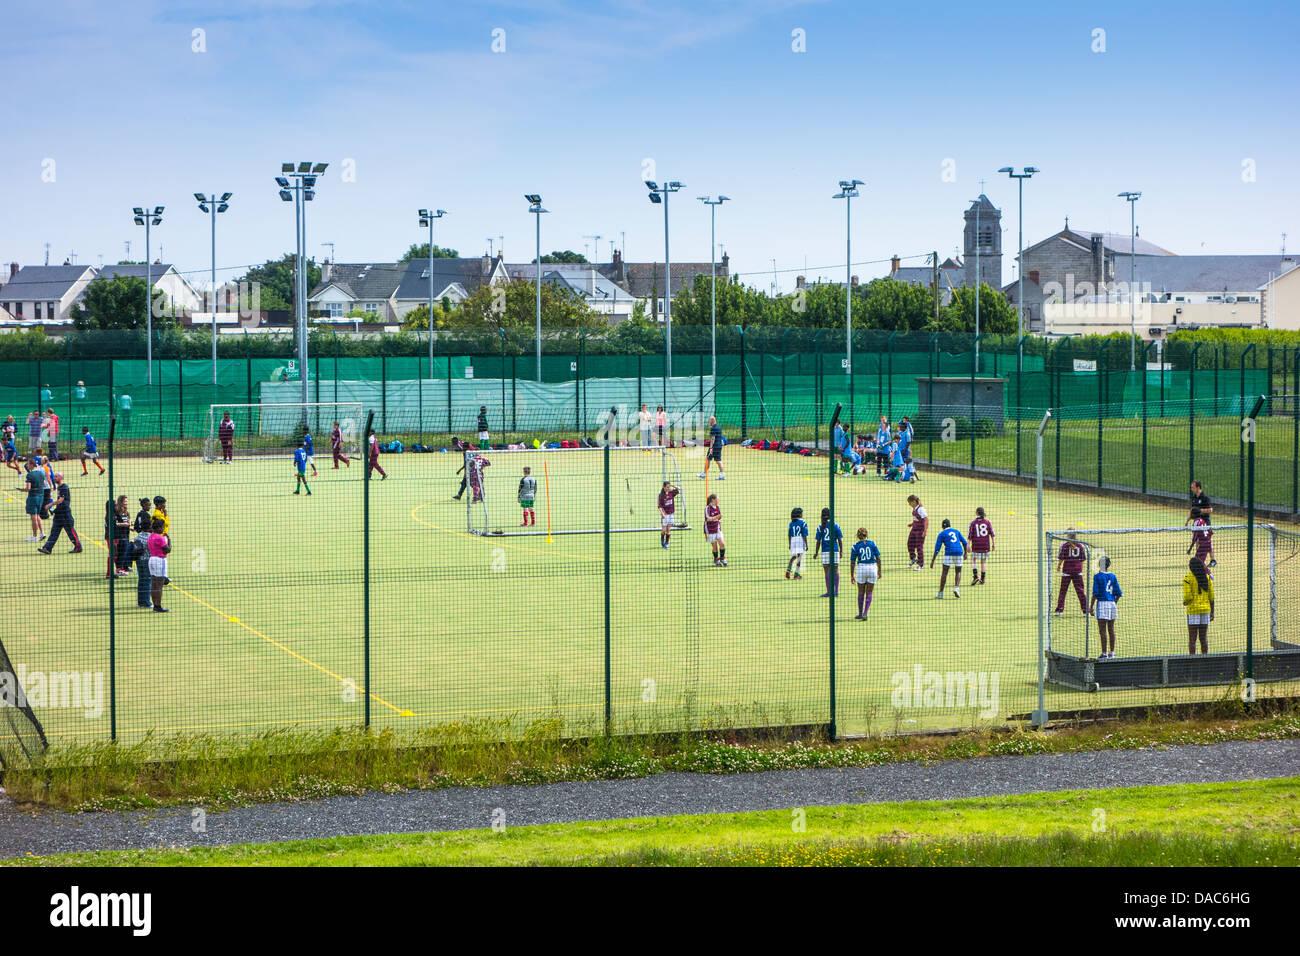 Les écoliers jouent au football sur un terrain par tous les temps - Dublin, Irlande Banque D'Images